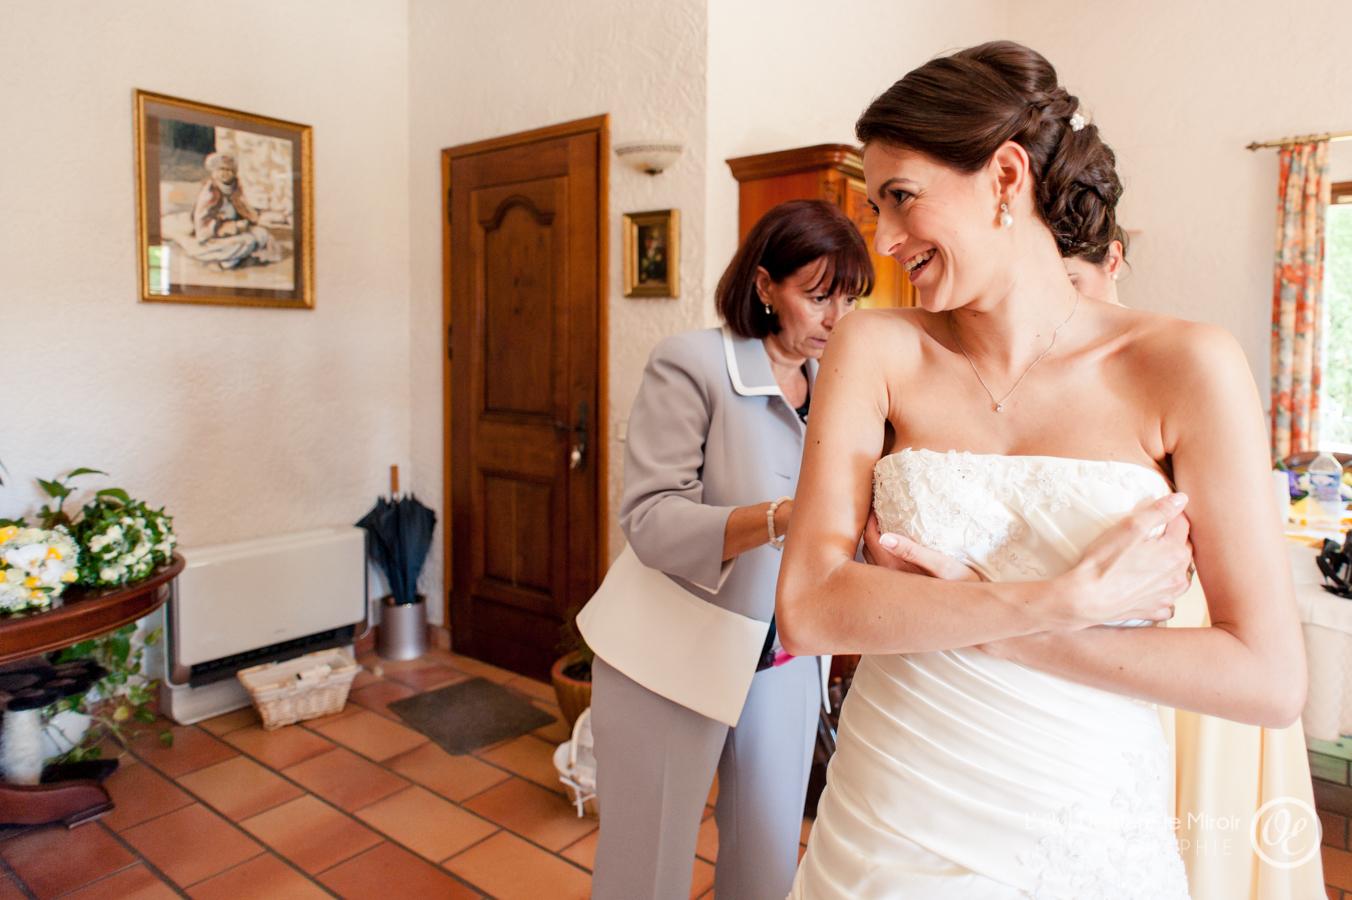 photographe-mariage-villeneuve-loubet-041